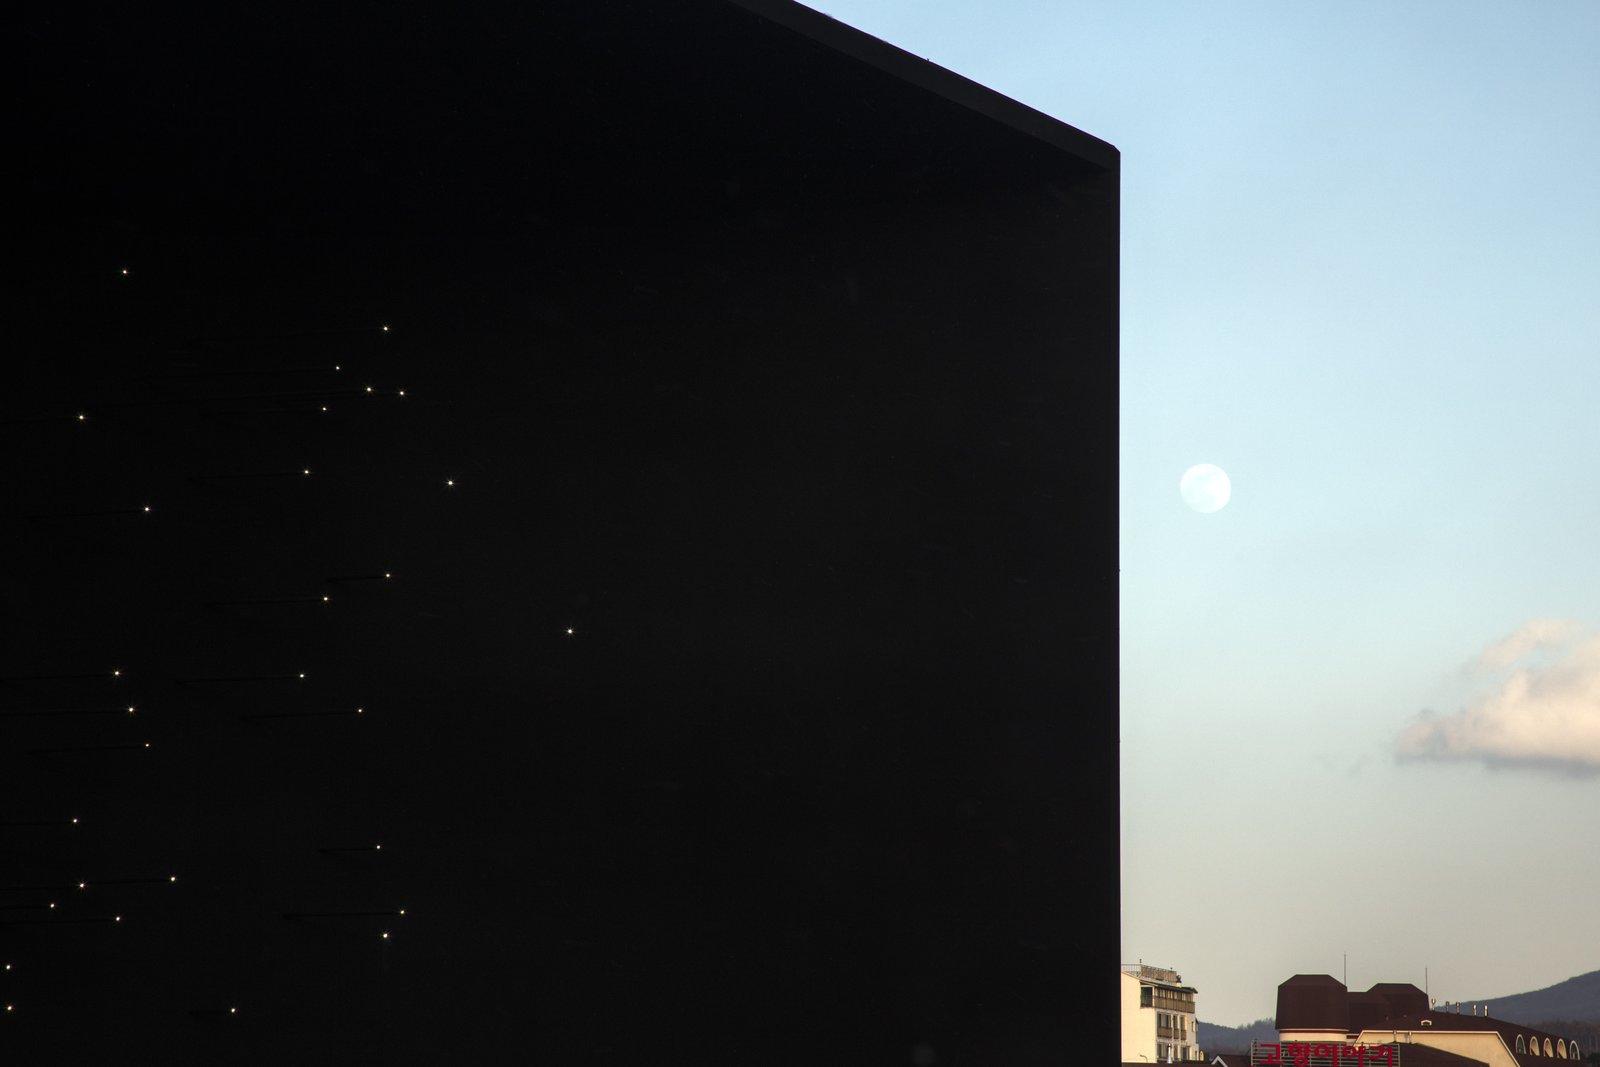 The black façade represents the Universe – the origin of Hydrogen.